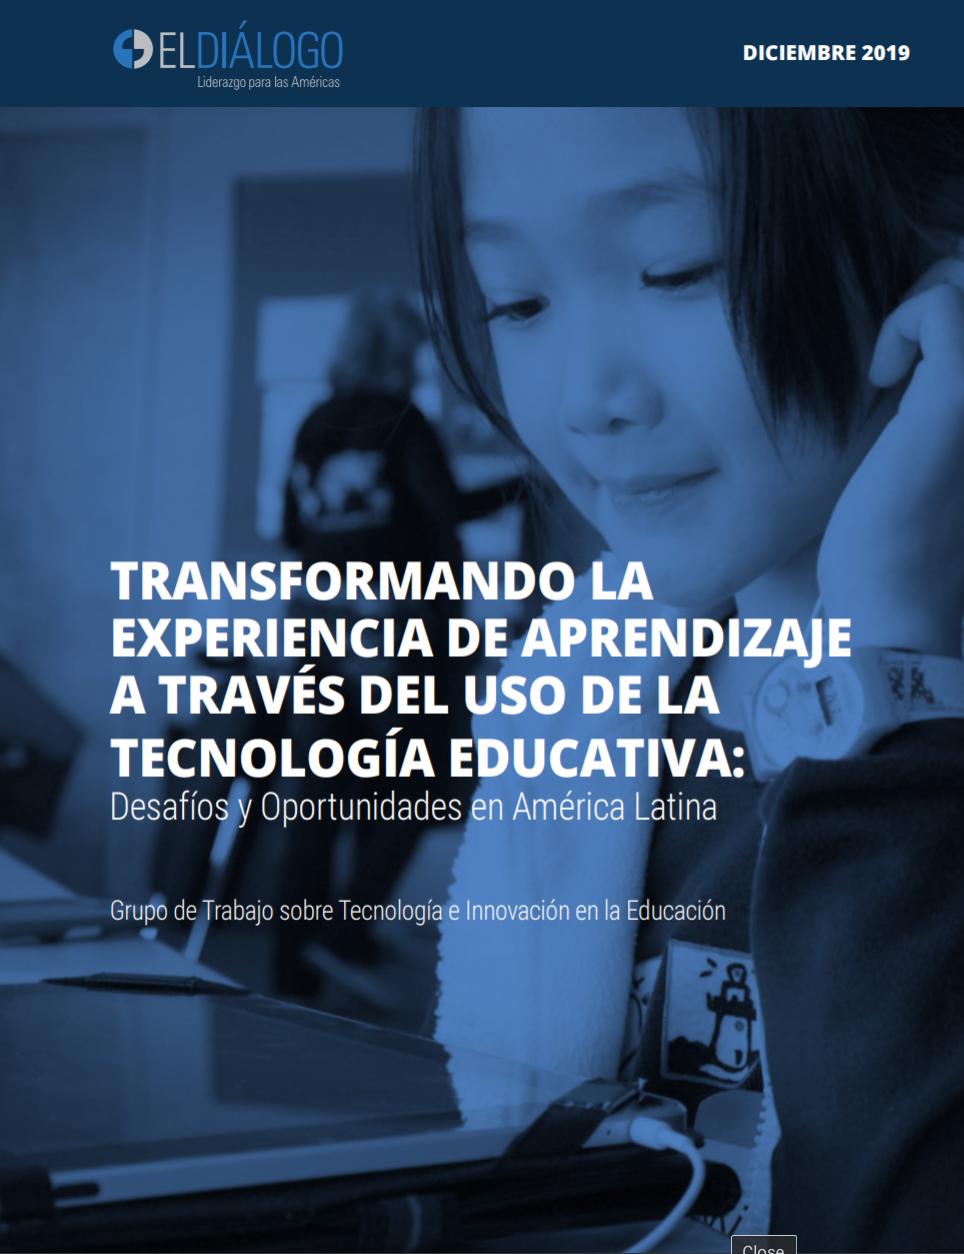 Transformando la experiencia de aprendizaje a través del uso de la tecnología educativa